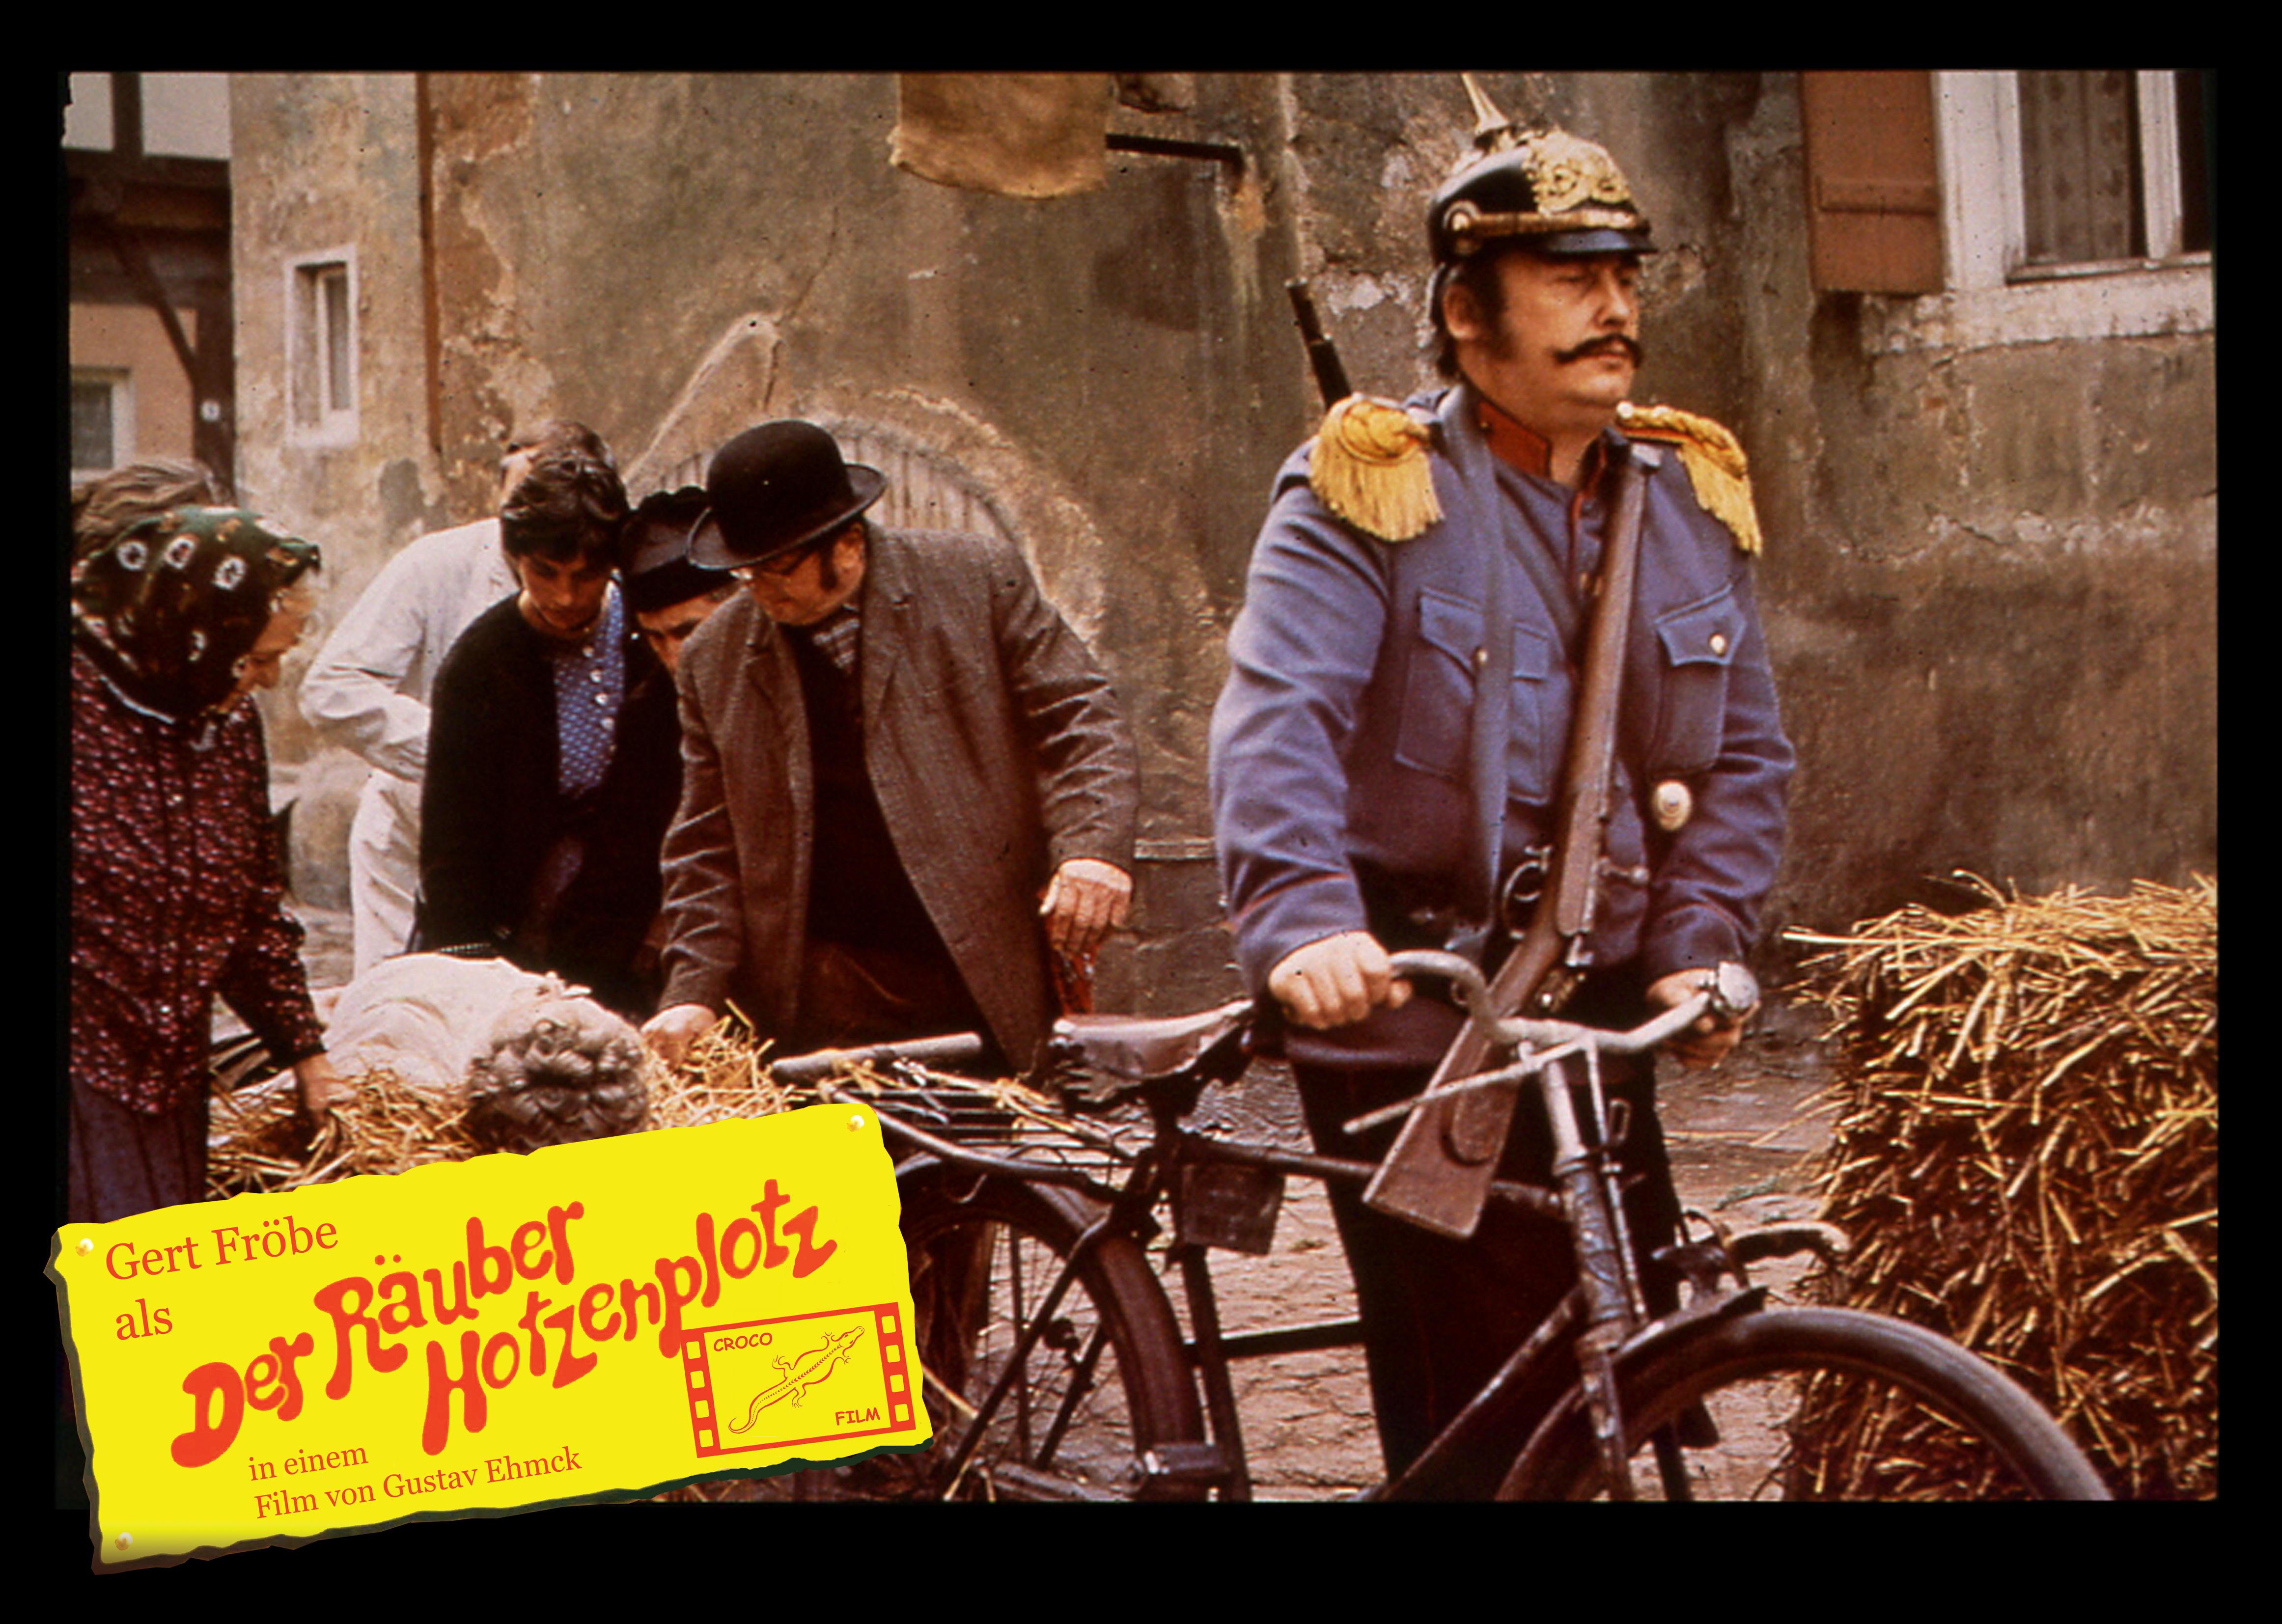 Räuber Hotzenplotz Film 1973 Trailer Kritik Kinode